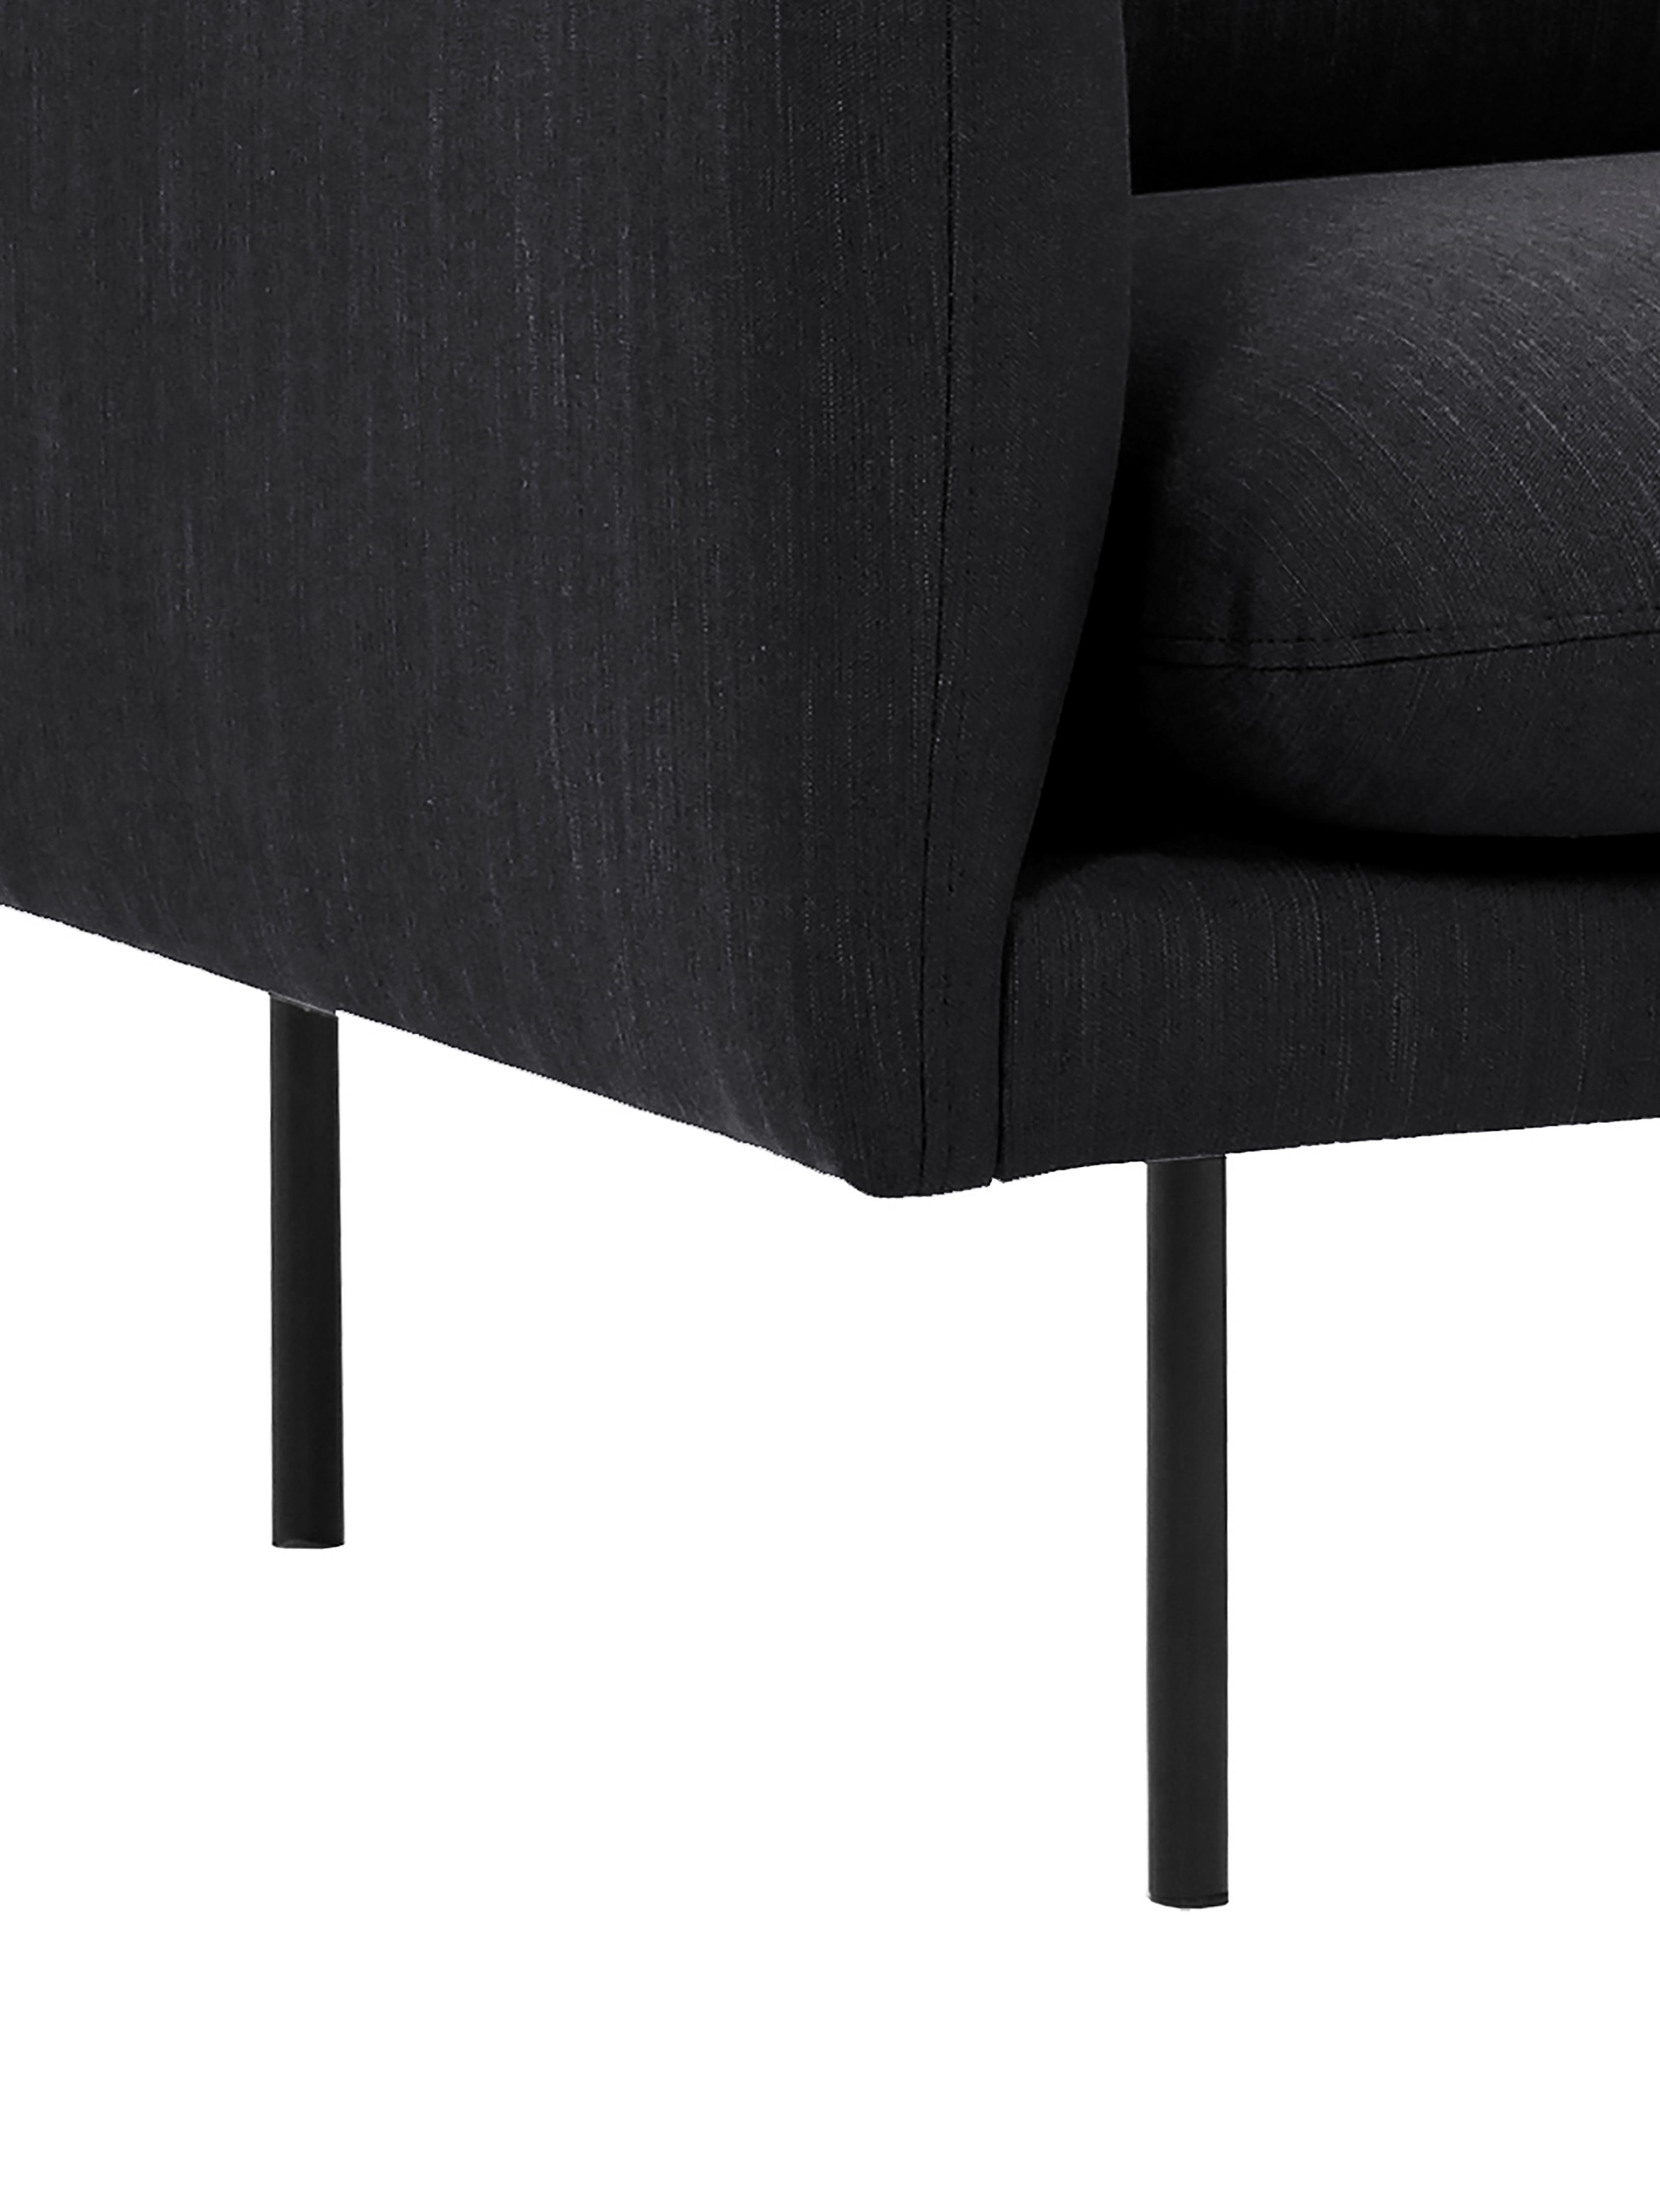 Hoekbank Moby, Bekleding: polyester, Frame: massief grenenhout, Poten: gepoedercoat metaal, Donkergrijs, B 280 x D 160 cm